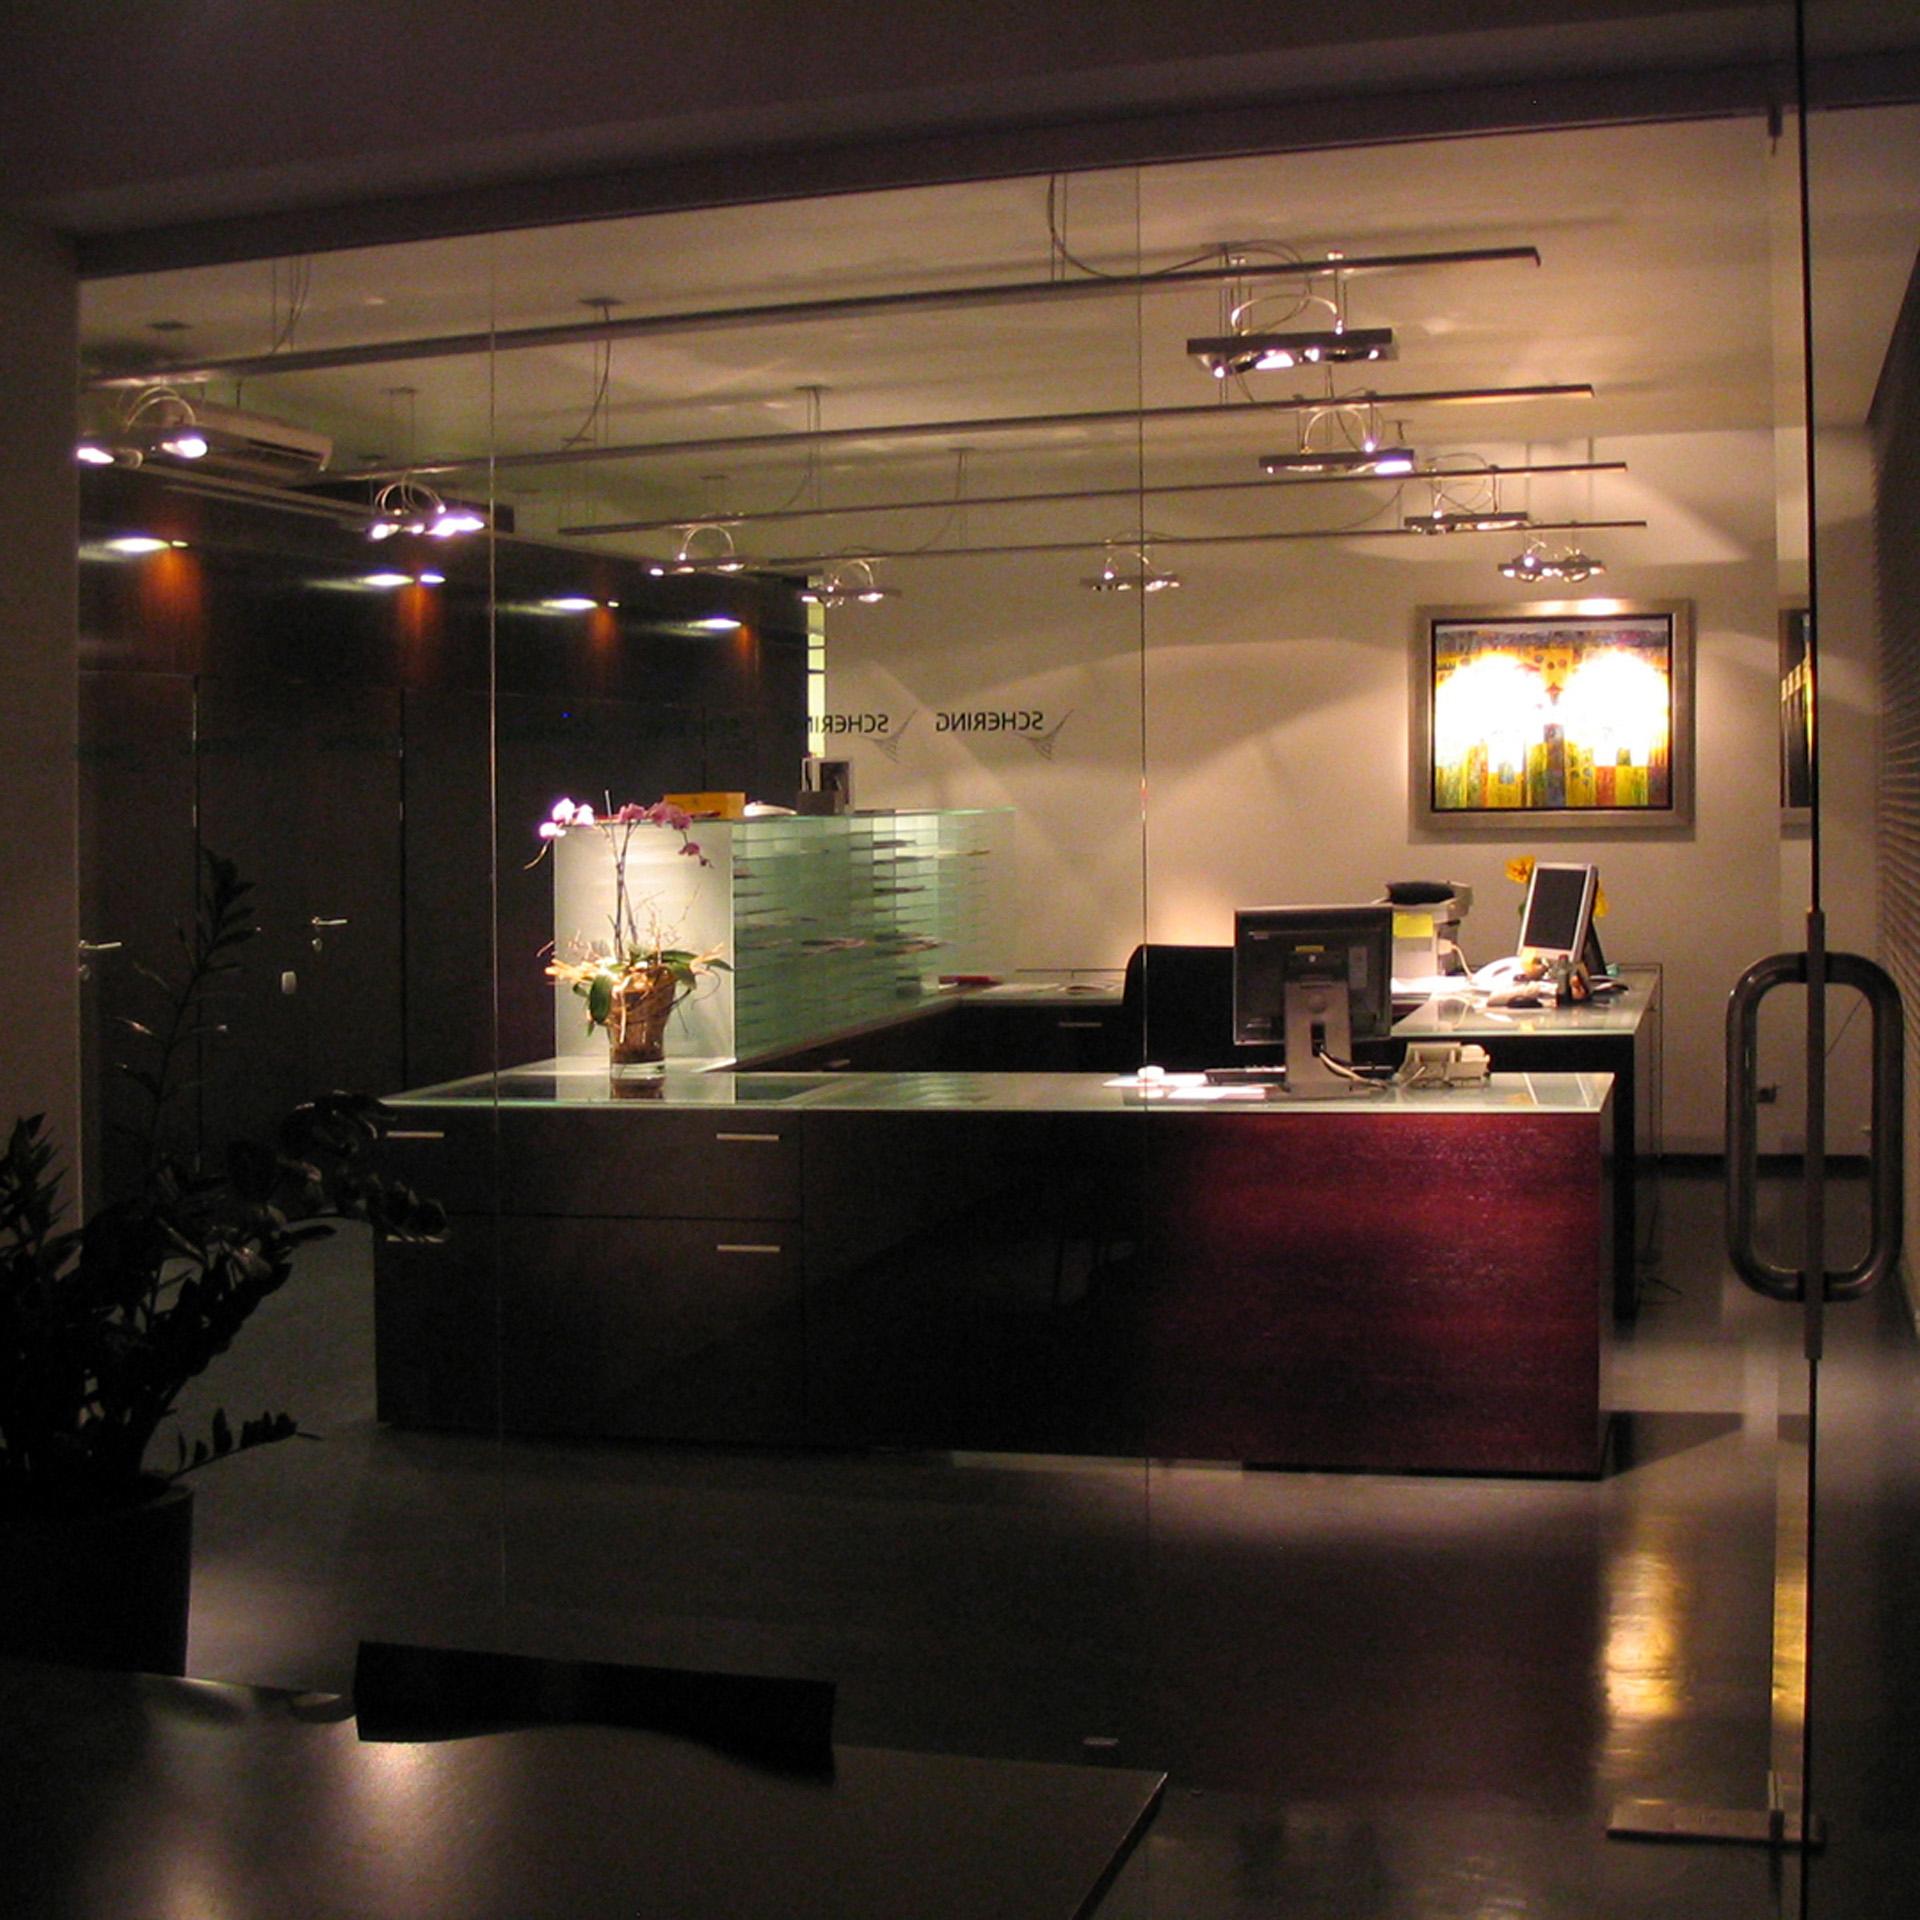 Aranżacja wnętrz siedziby firmy Schering. Projekt aranżacji Baza architekci.